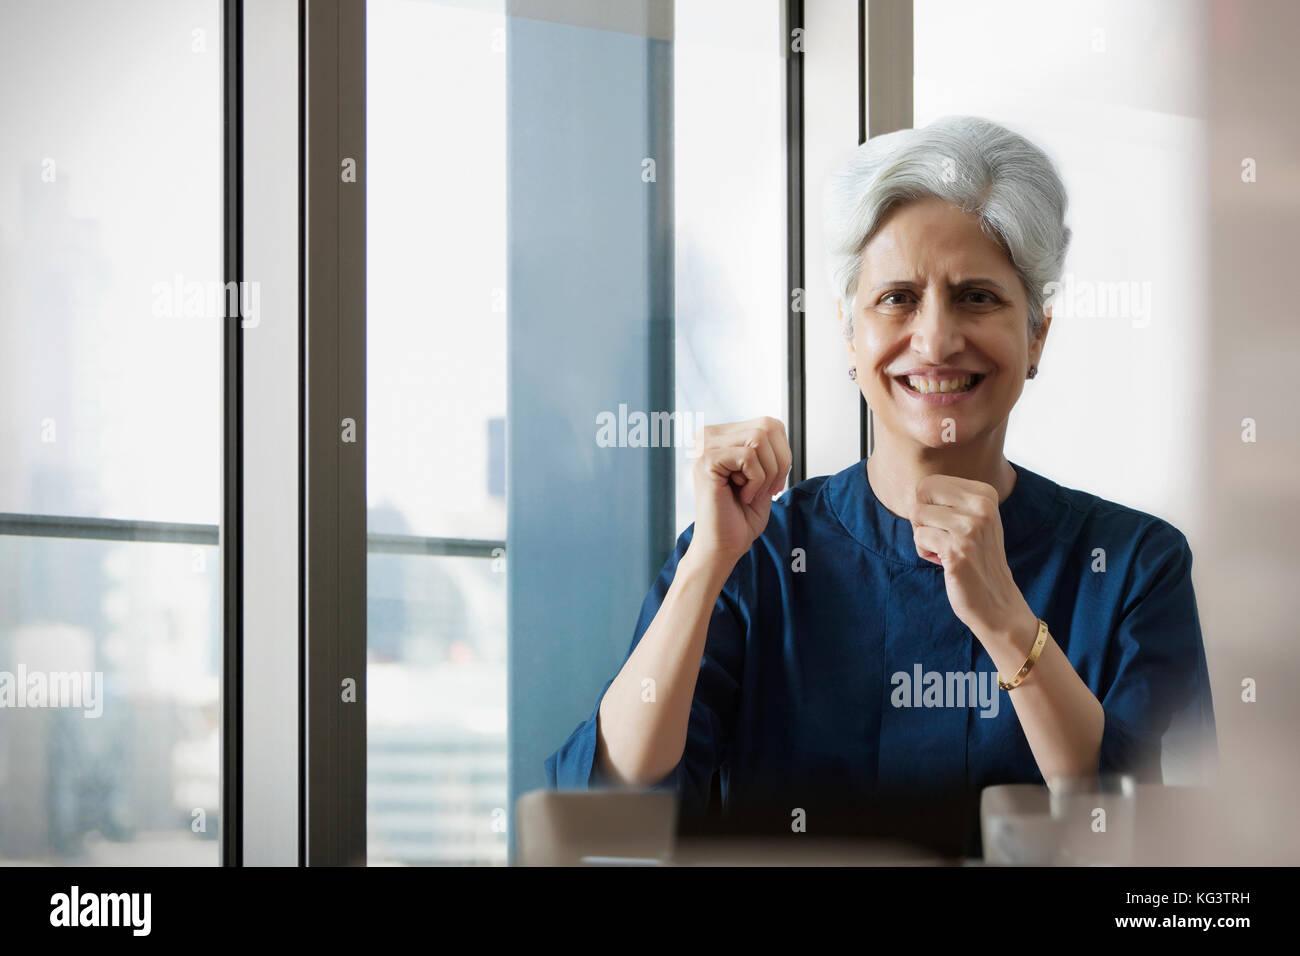 Mujer sonriente vítores con puños de mano Imagen De Stock